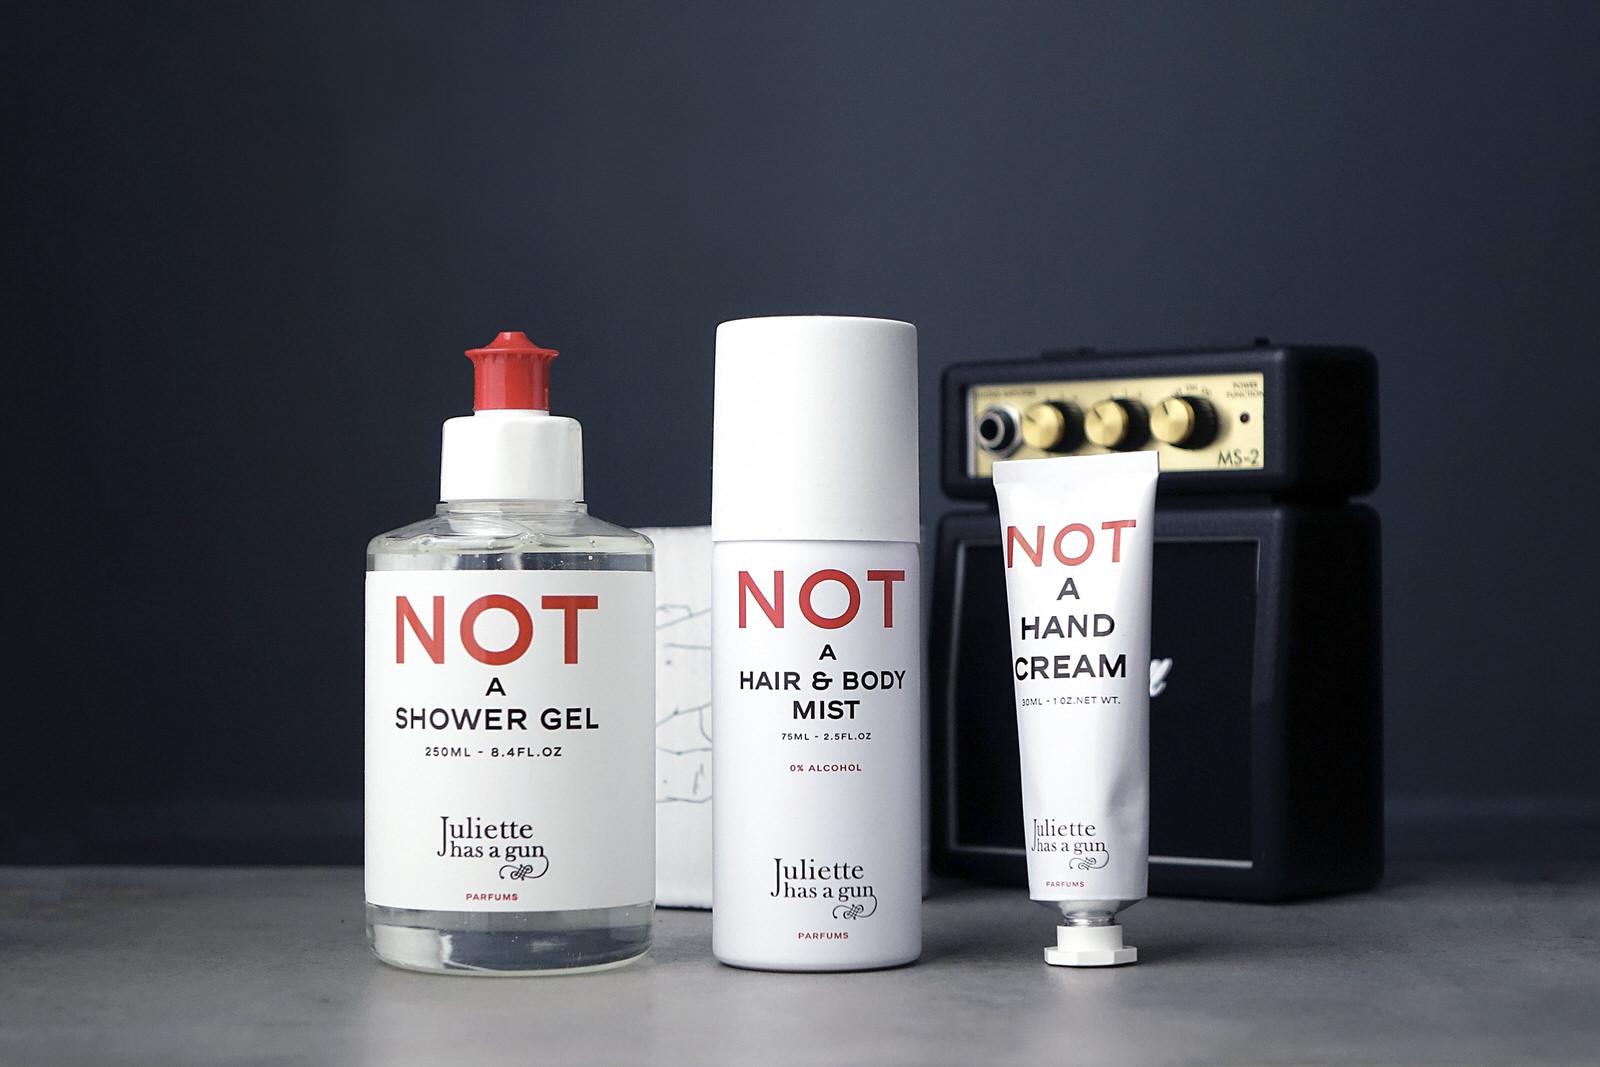 Le nouveau parfum Not a Perfume Superdose de Juliette has a gun